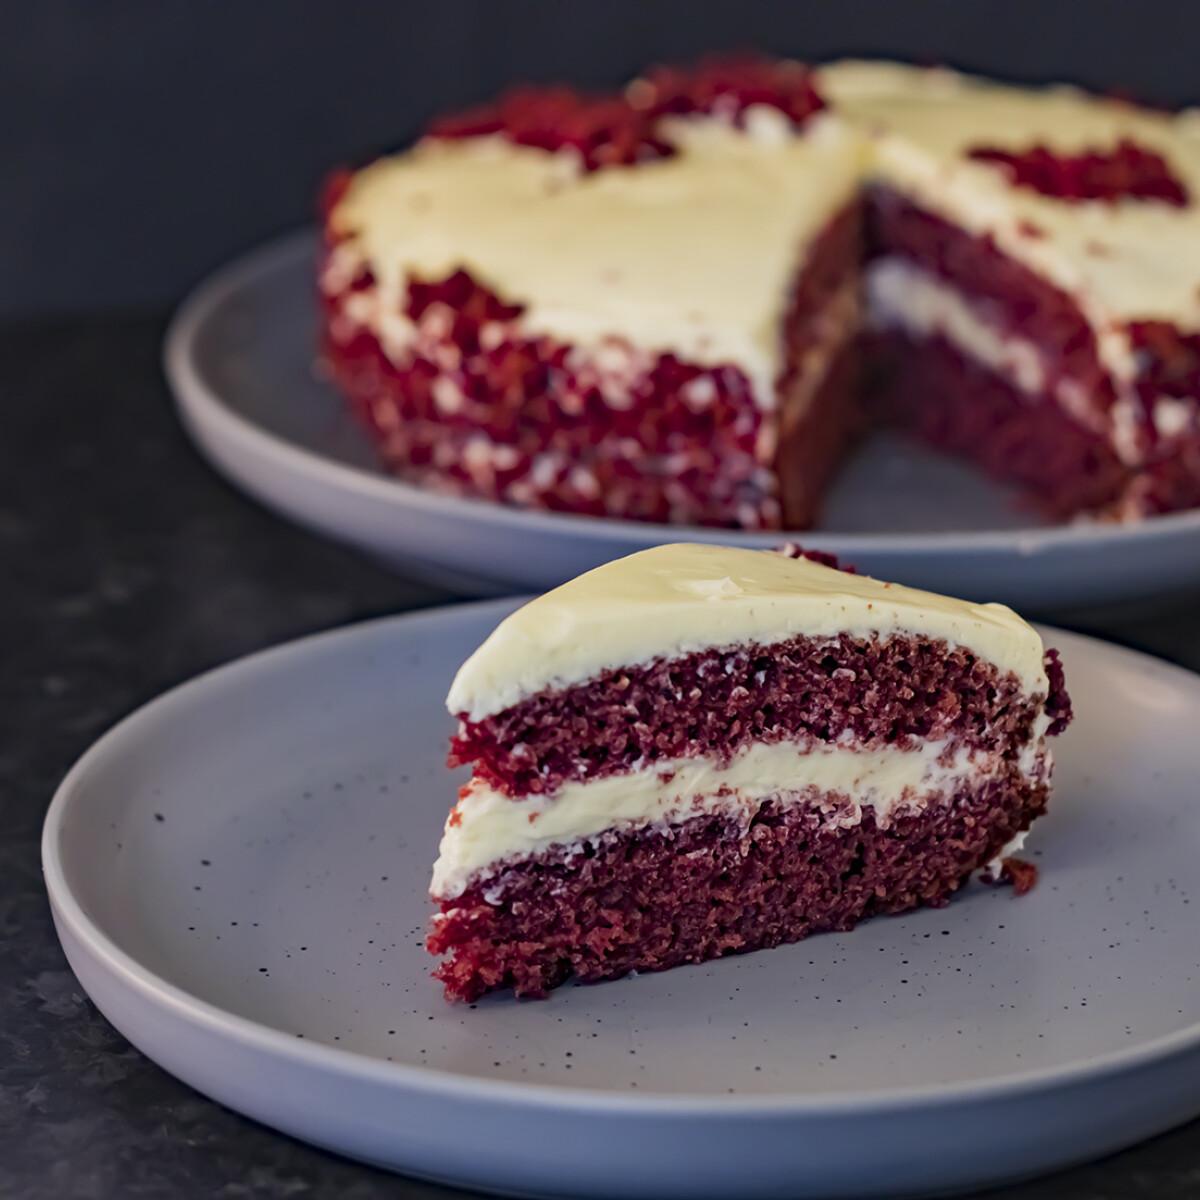 Ezen a képen: Red velvet - Vörösbársony torta